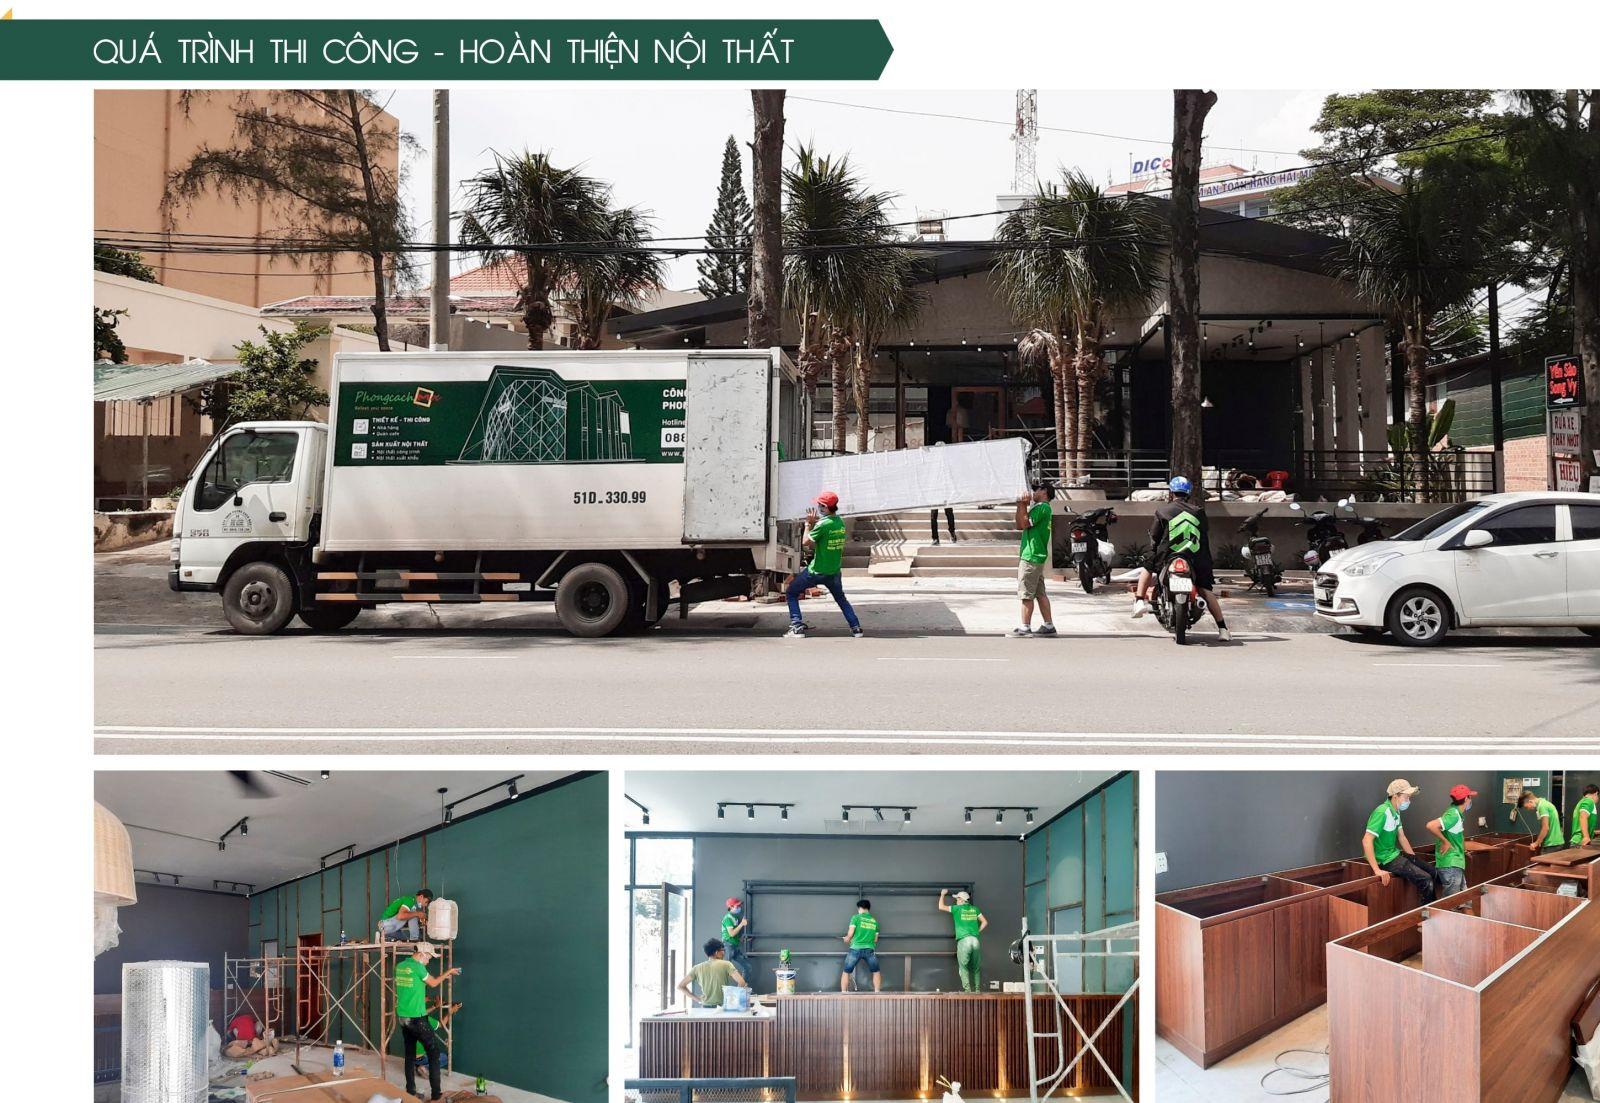 qua-trinh-thi-cong-quan-cafe-palma-the-garden-cafe-vung-tau-3